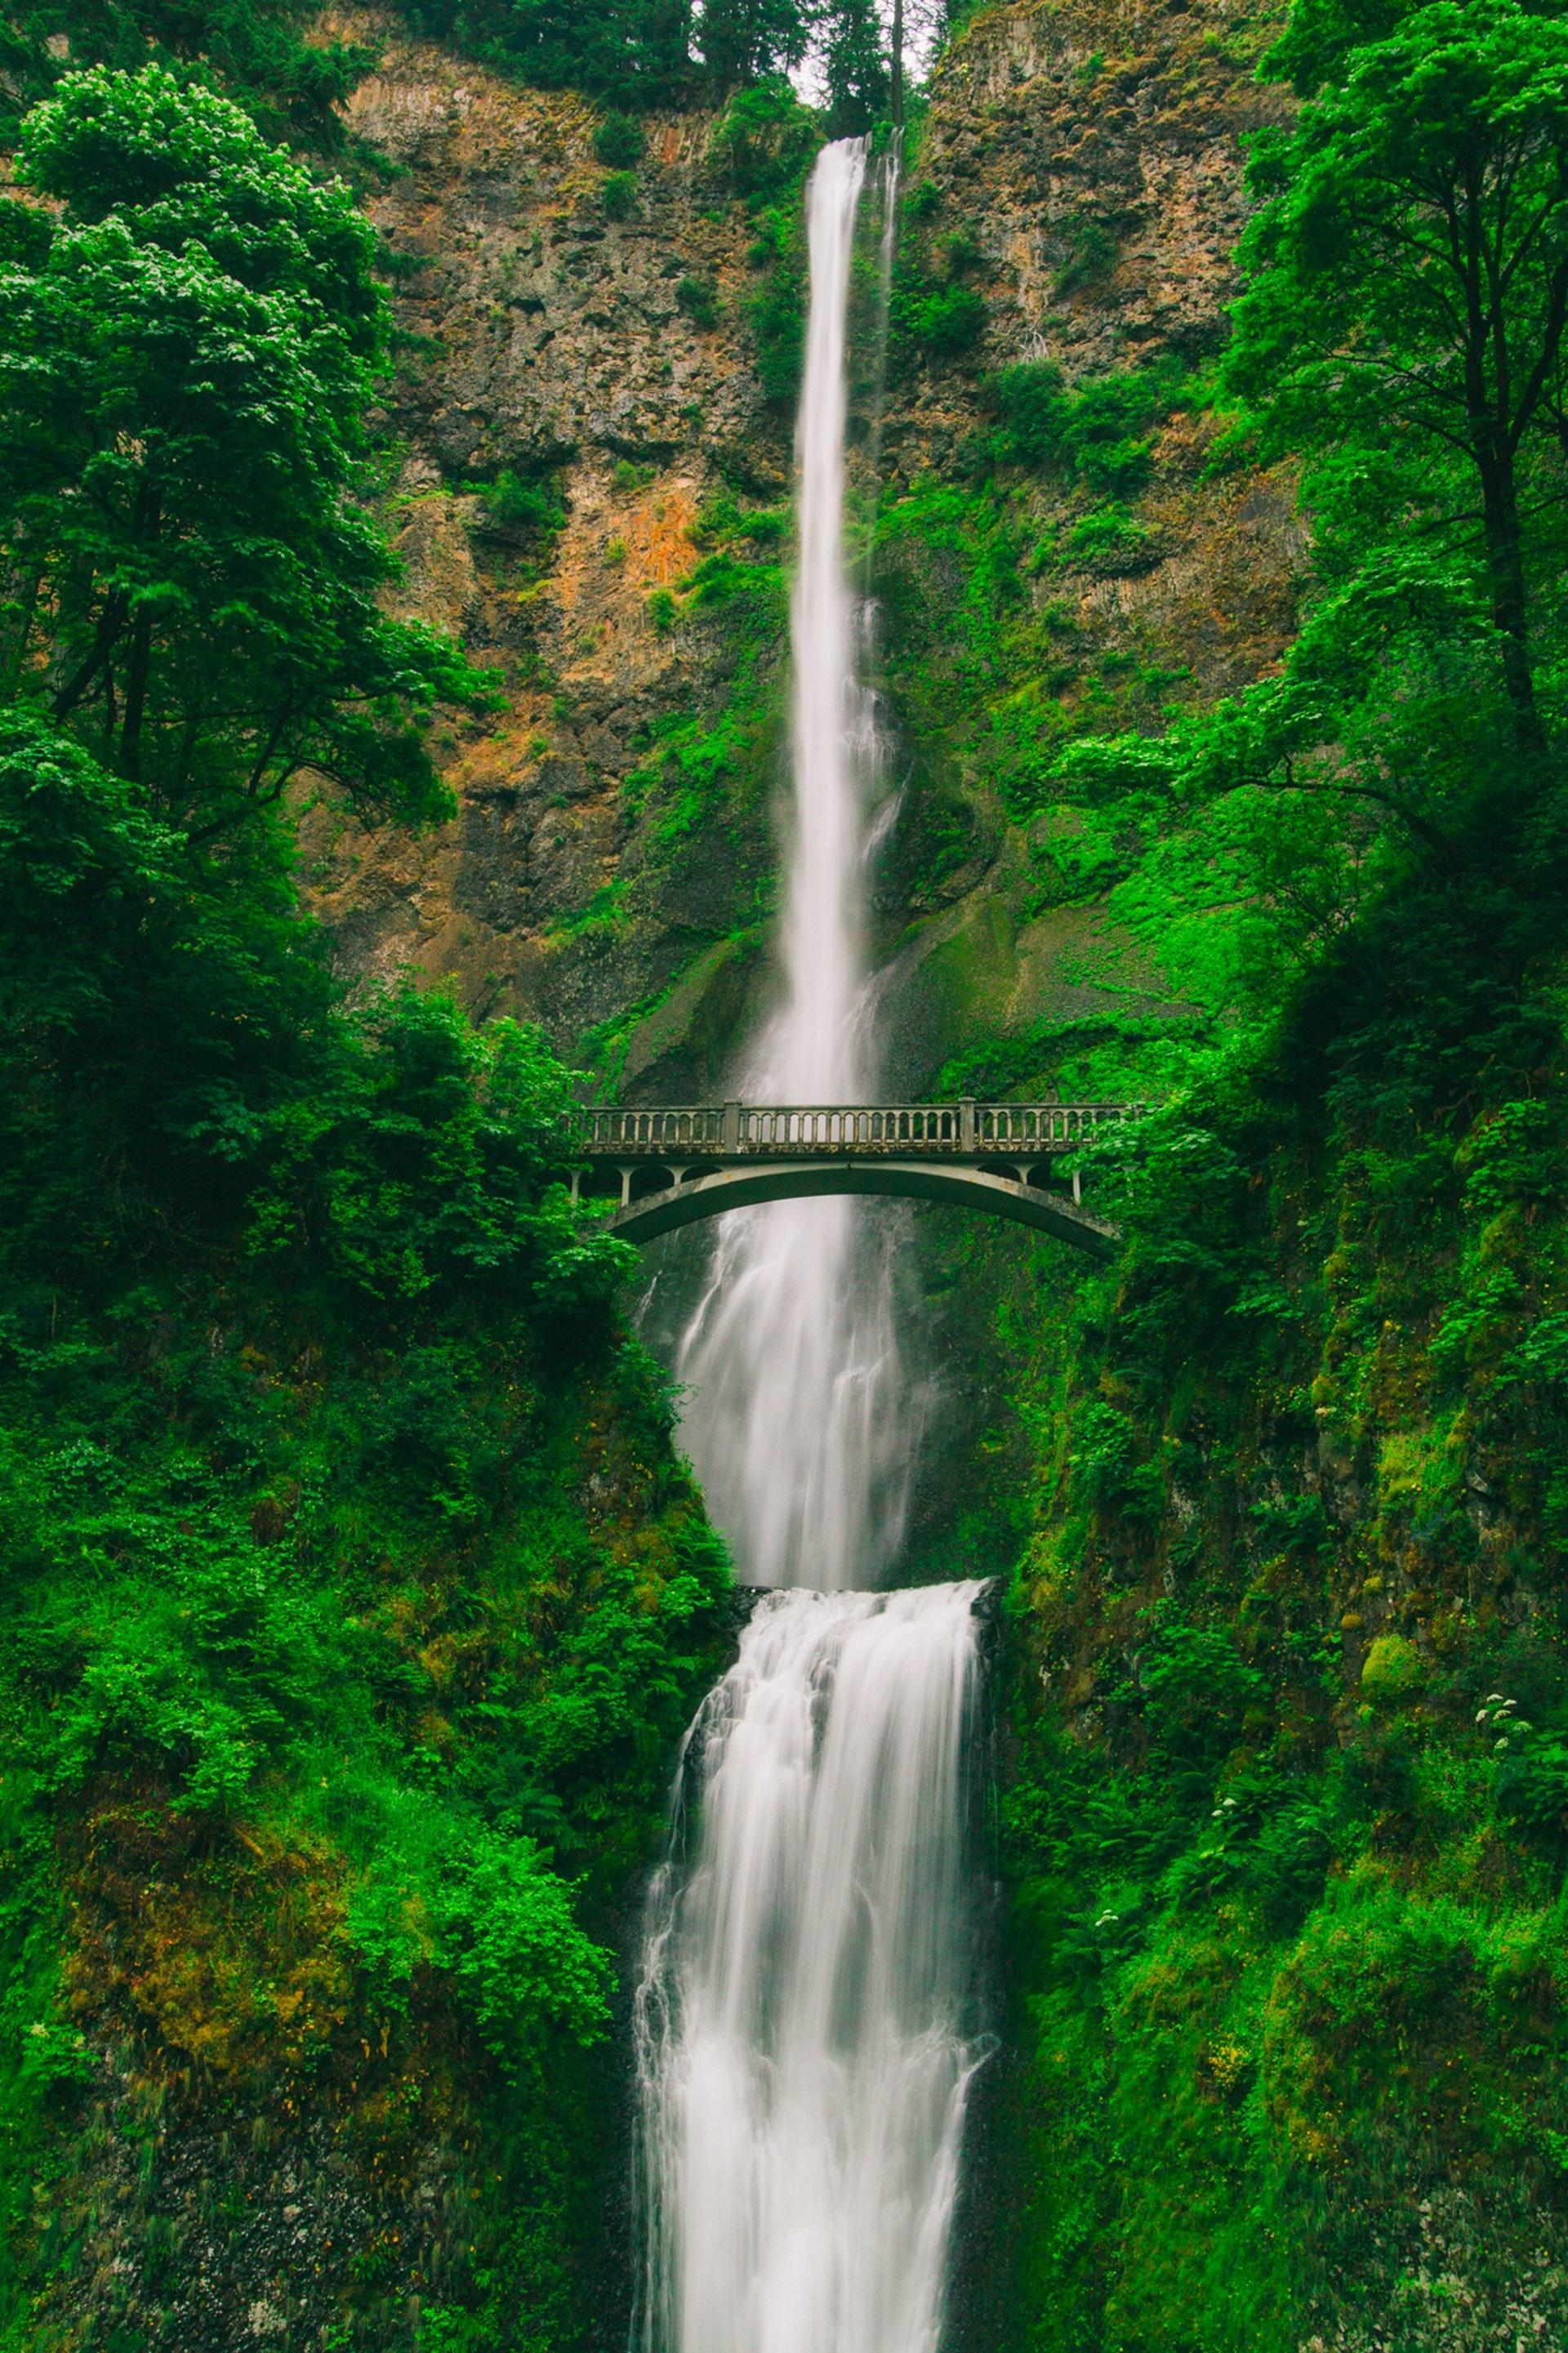 عکس زمینه پل و آبشار پس زمینه